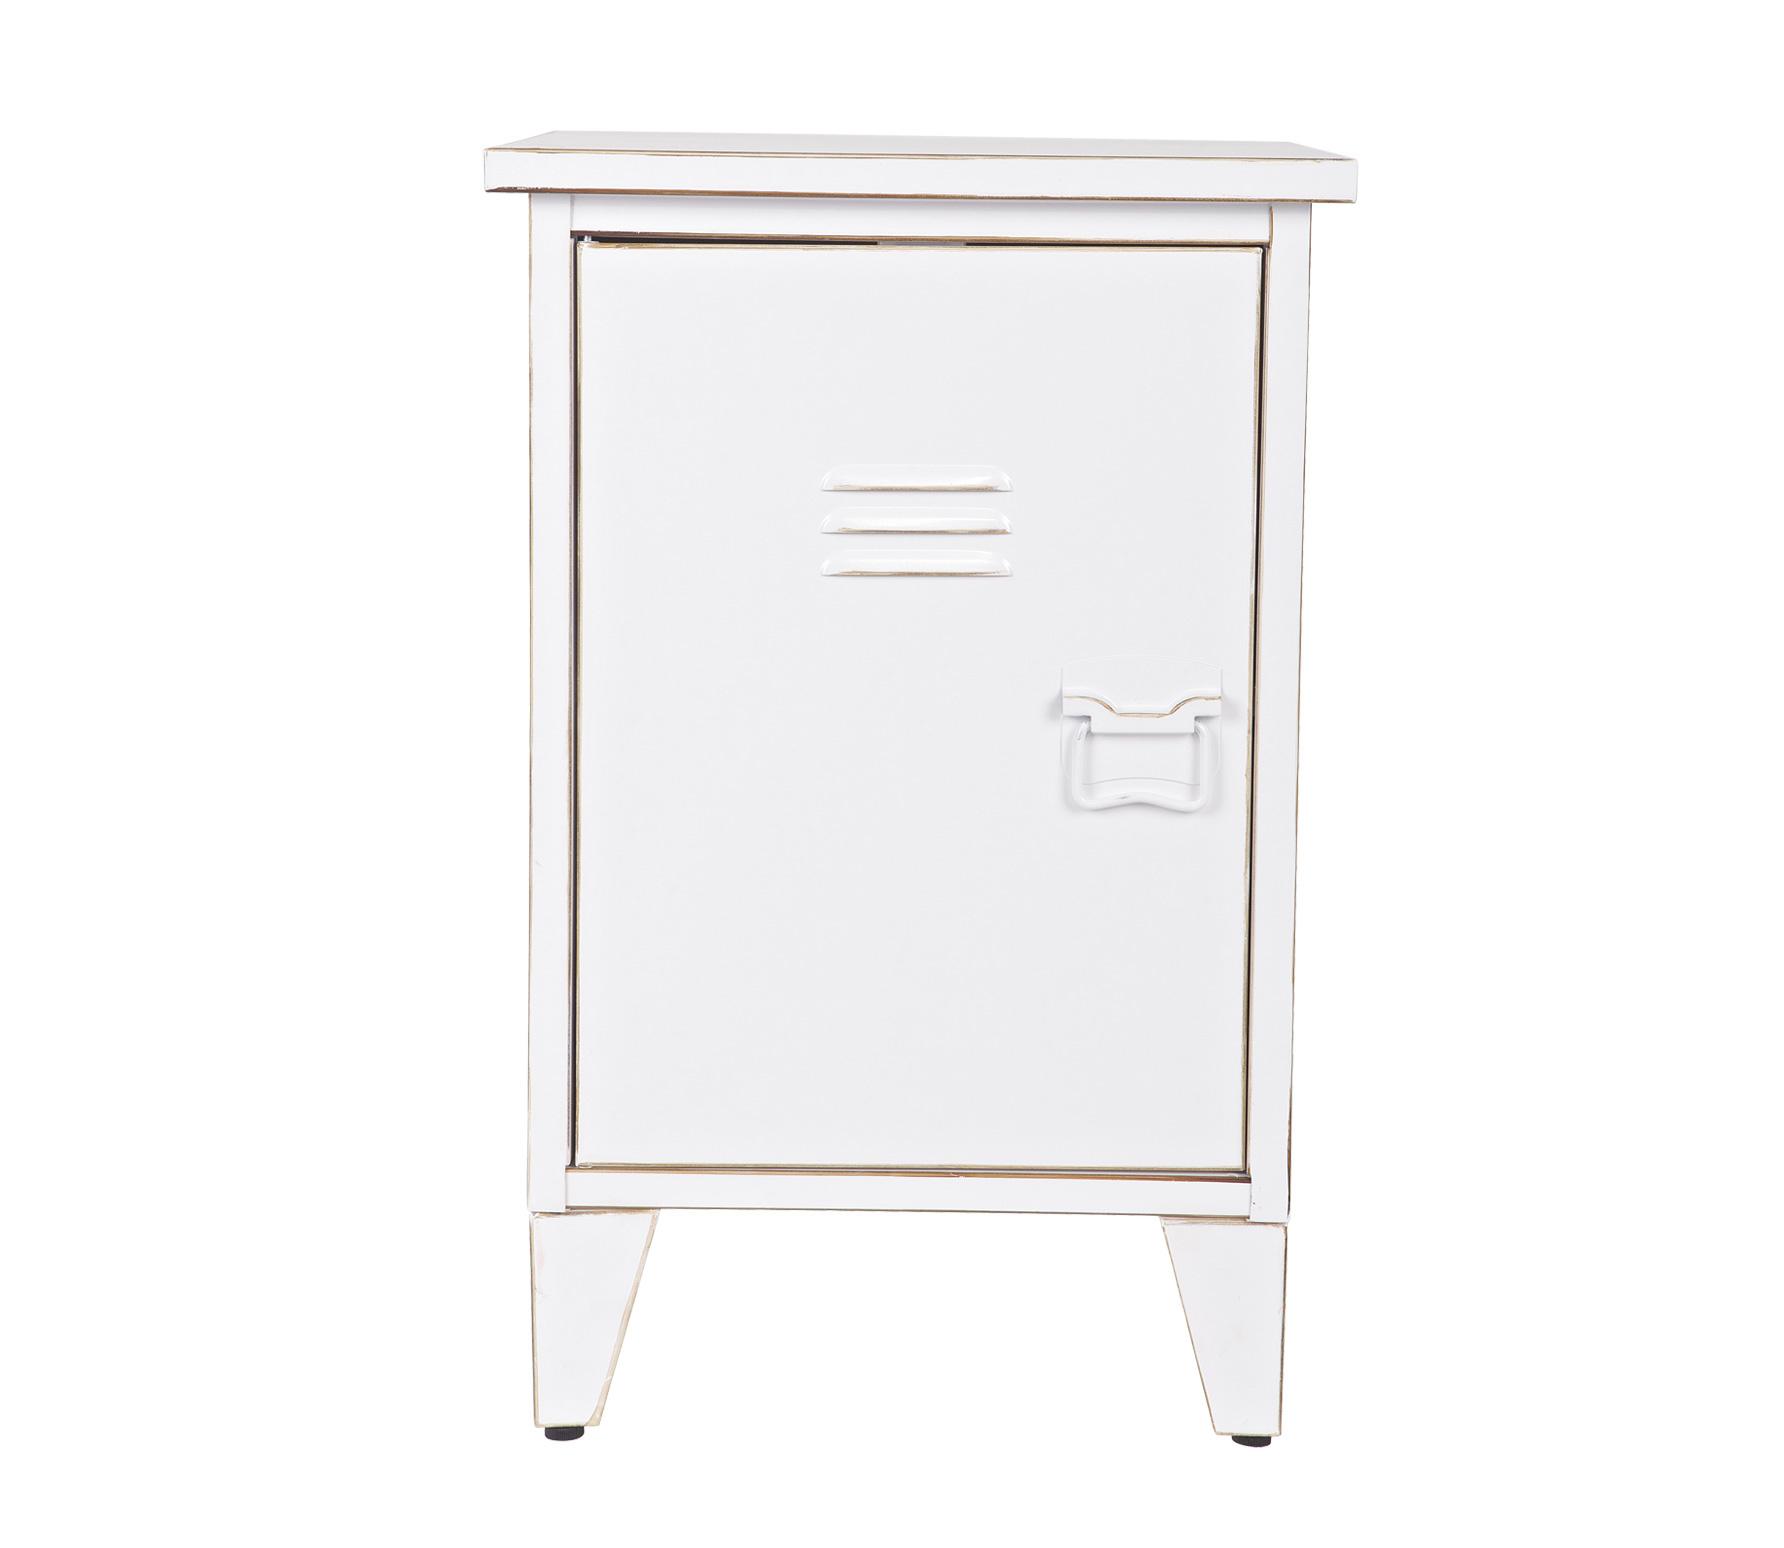 Uitgelezene Metalen nachtkastje Maxime locker wit linksdraaiend | Houten OU-62